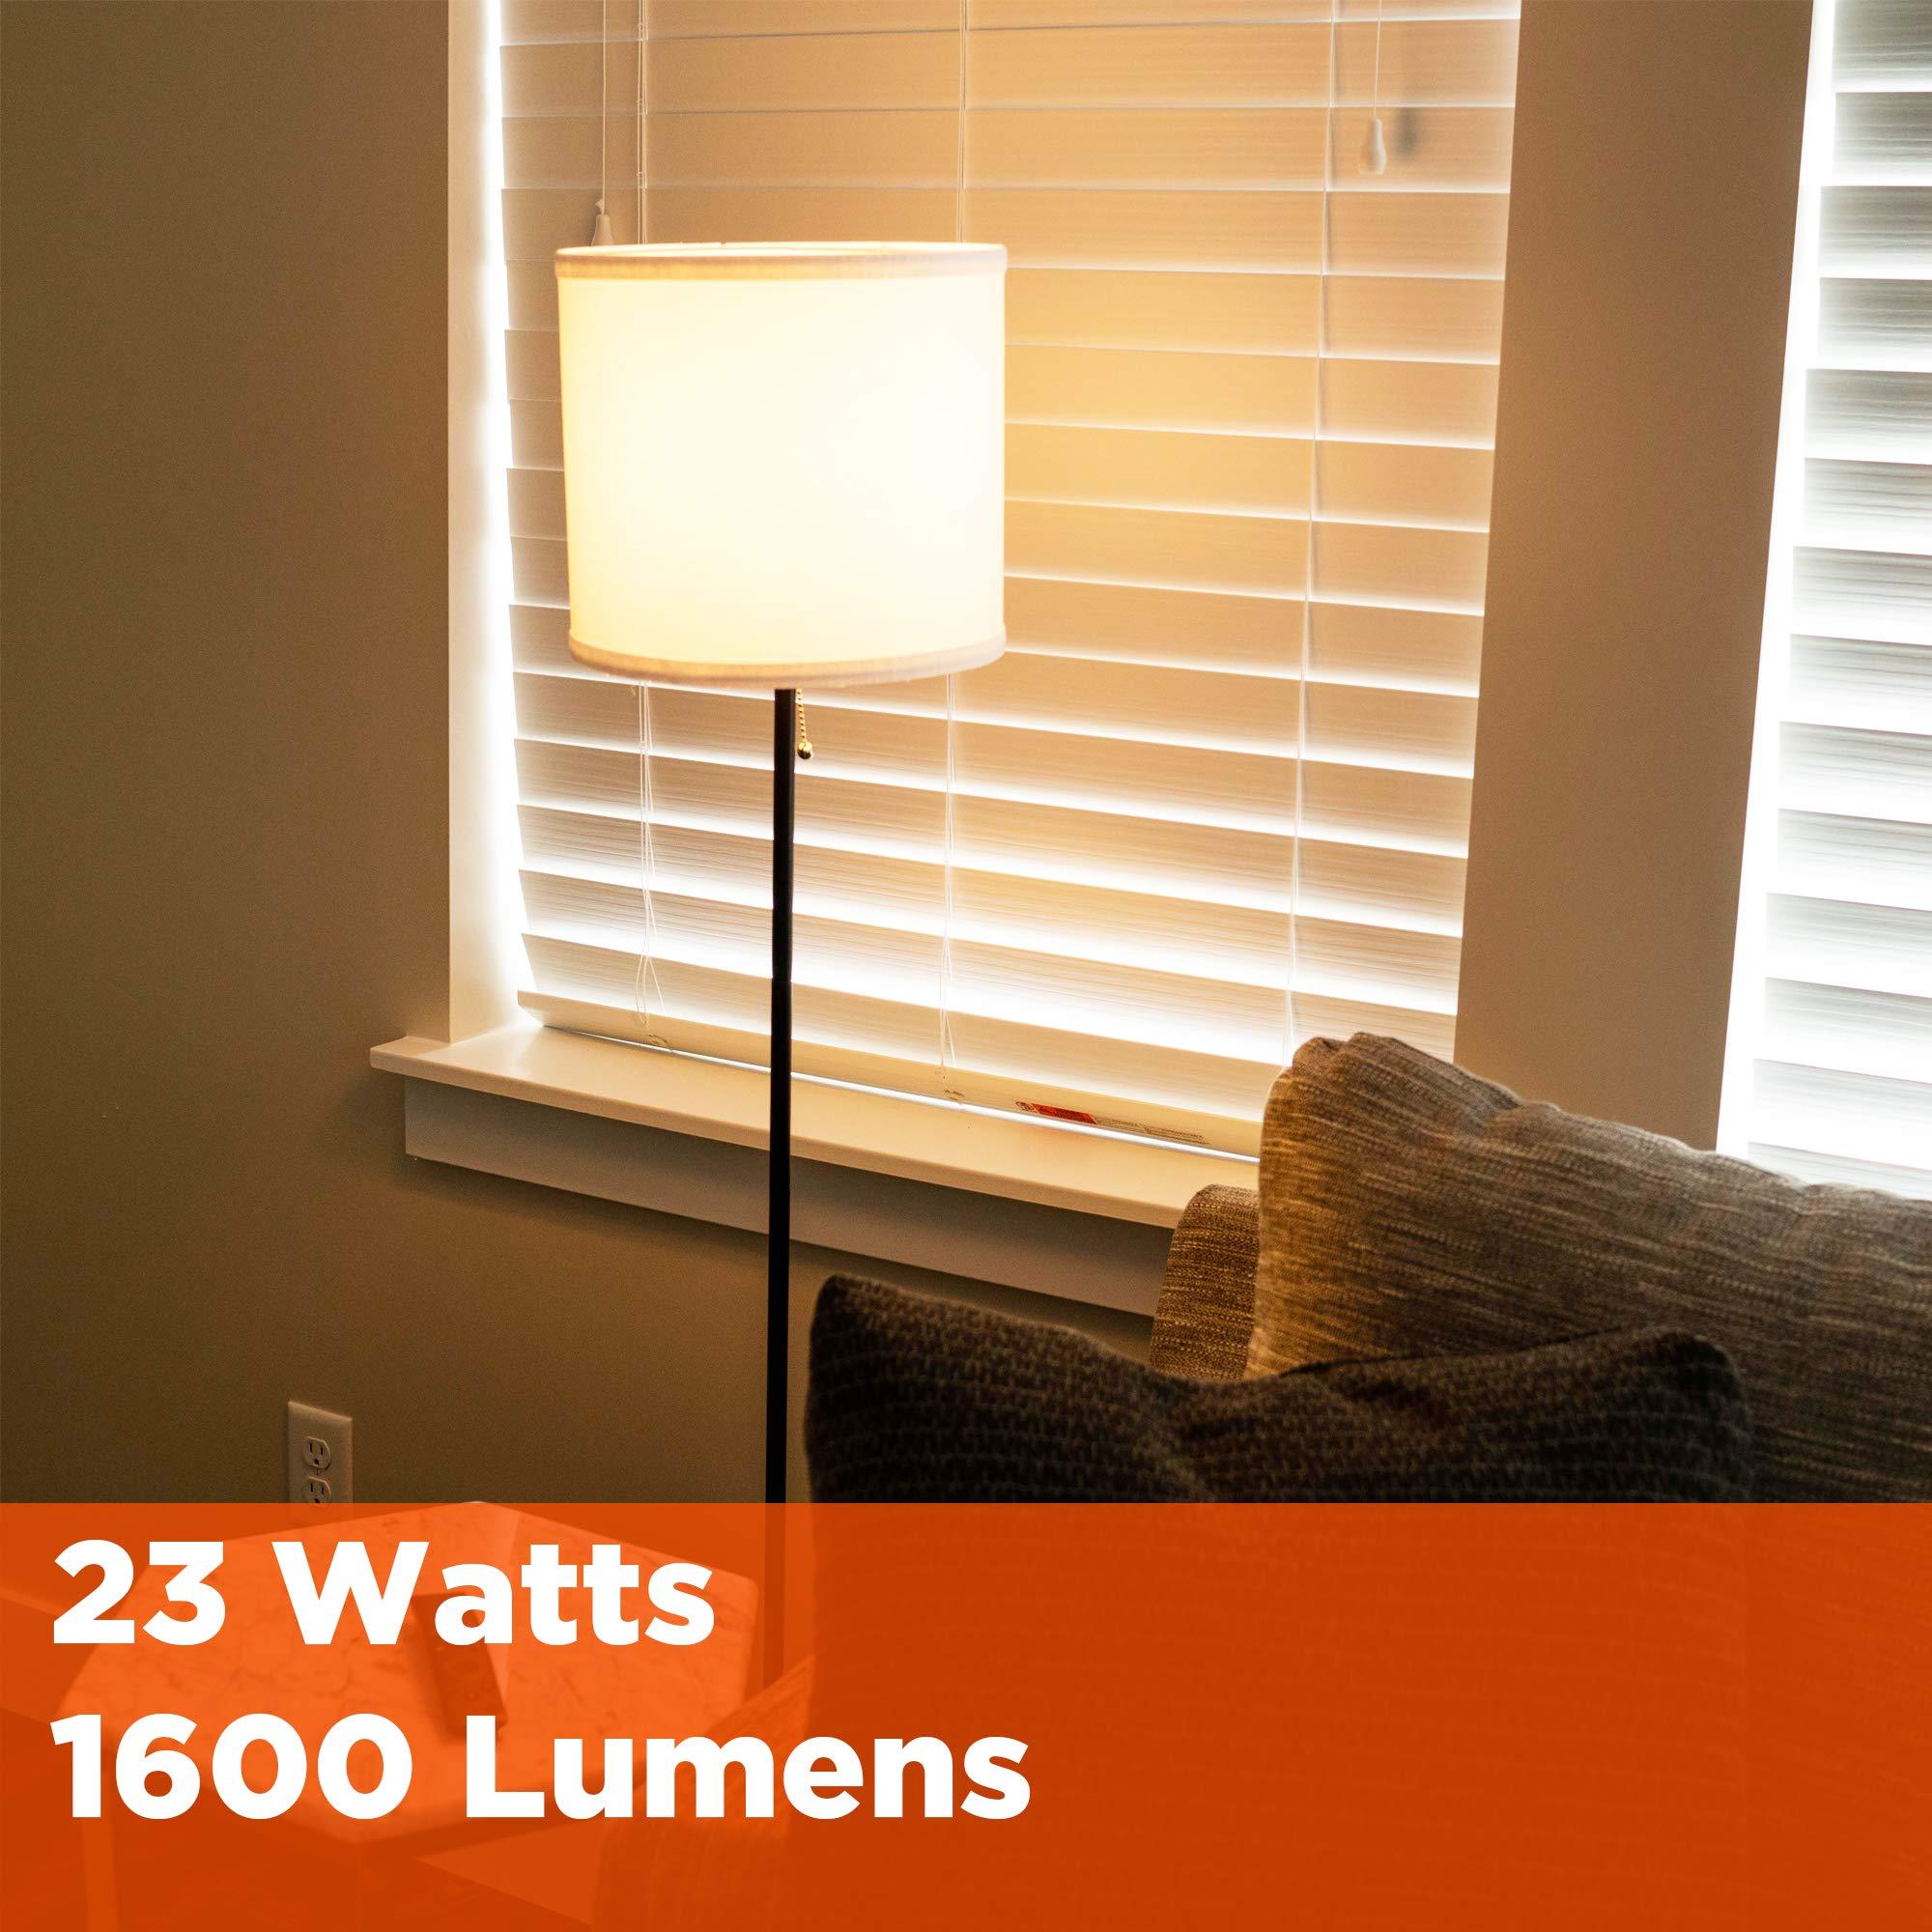 GoodBulb 23 Watt CFL Light Bulbs - T2 Spiral Compact Fluorescent - GU24 Light Bulb Base - 2700K 1600 Lumens - 4 Pack by GoodBulb (Image #6)